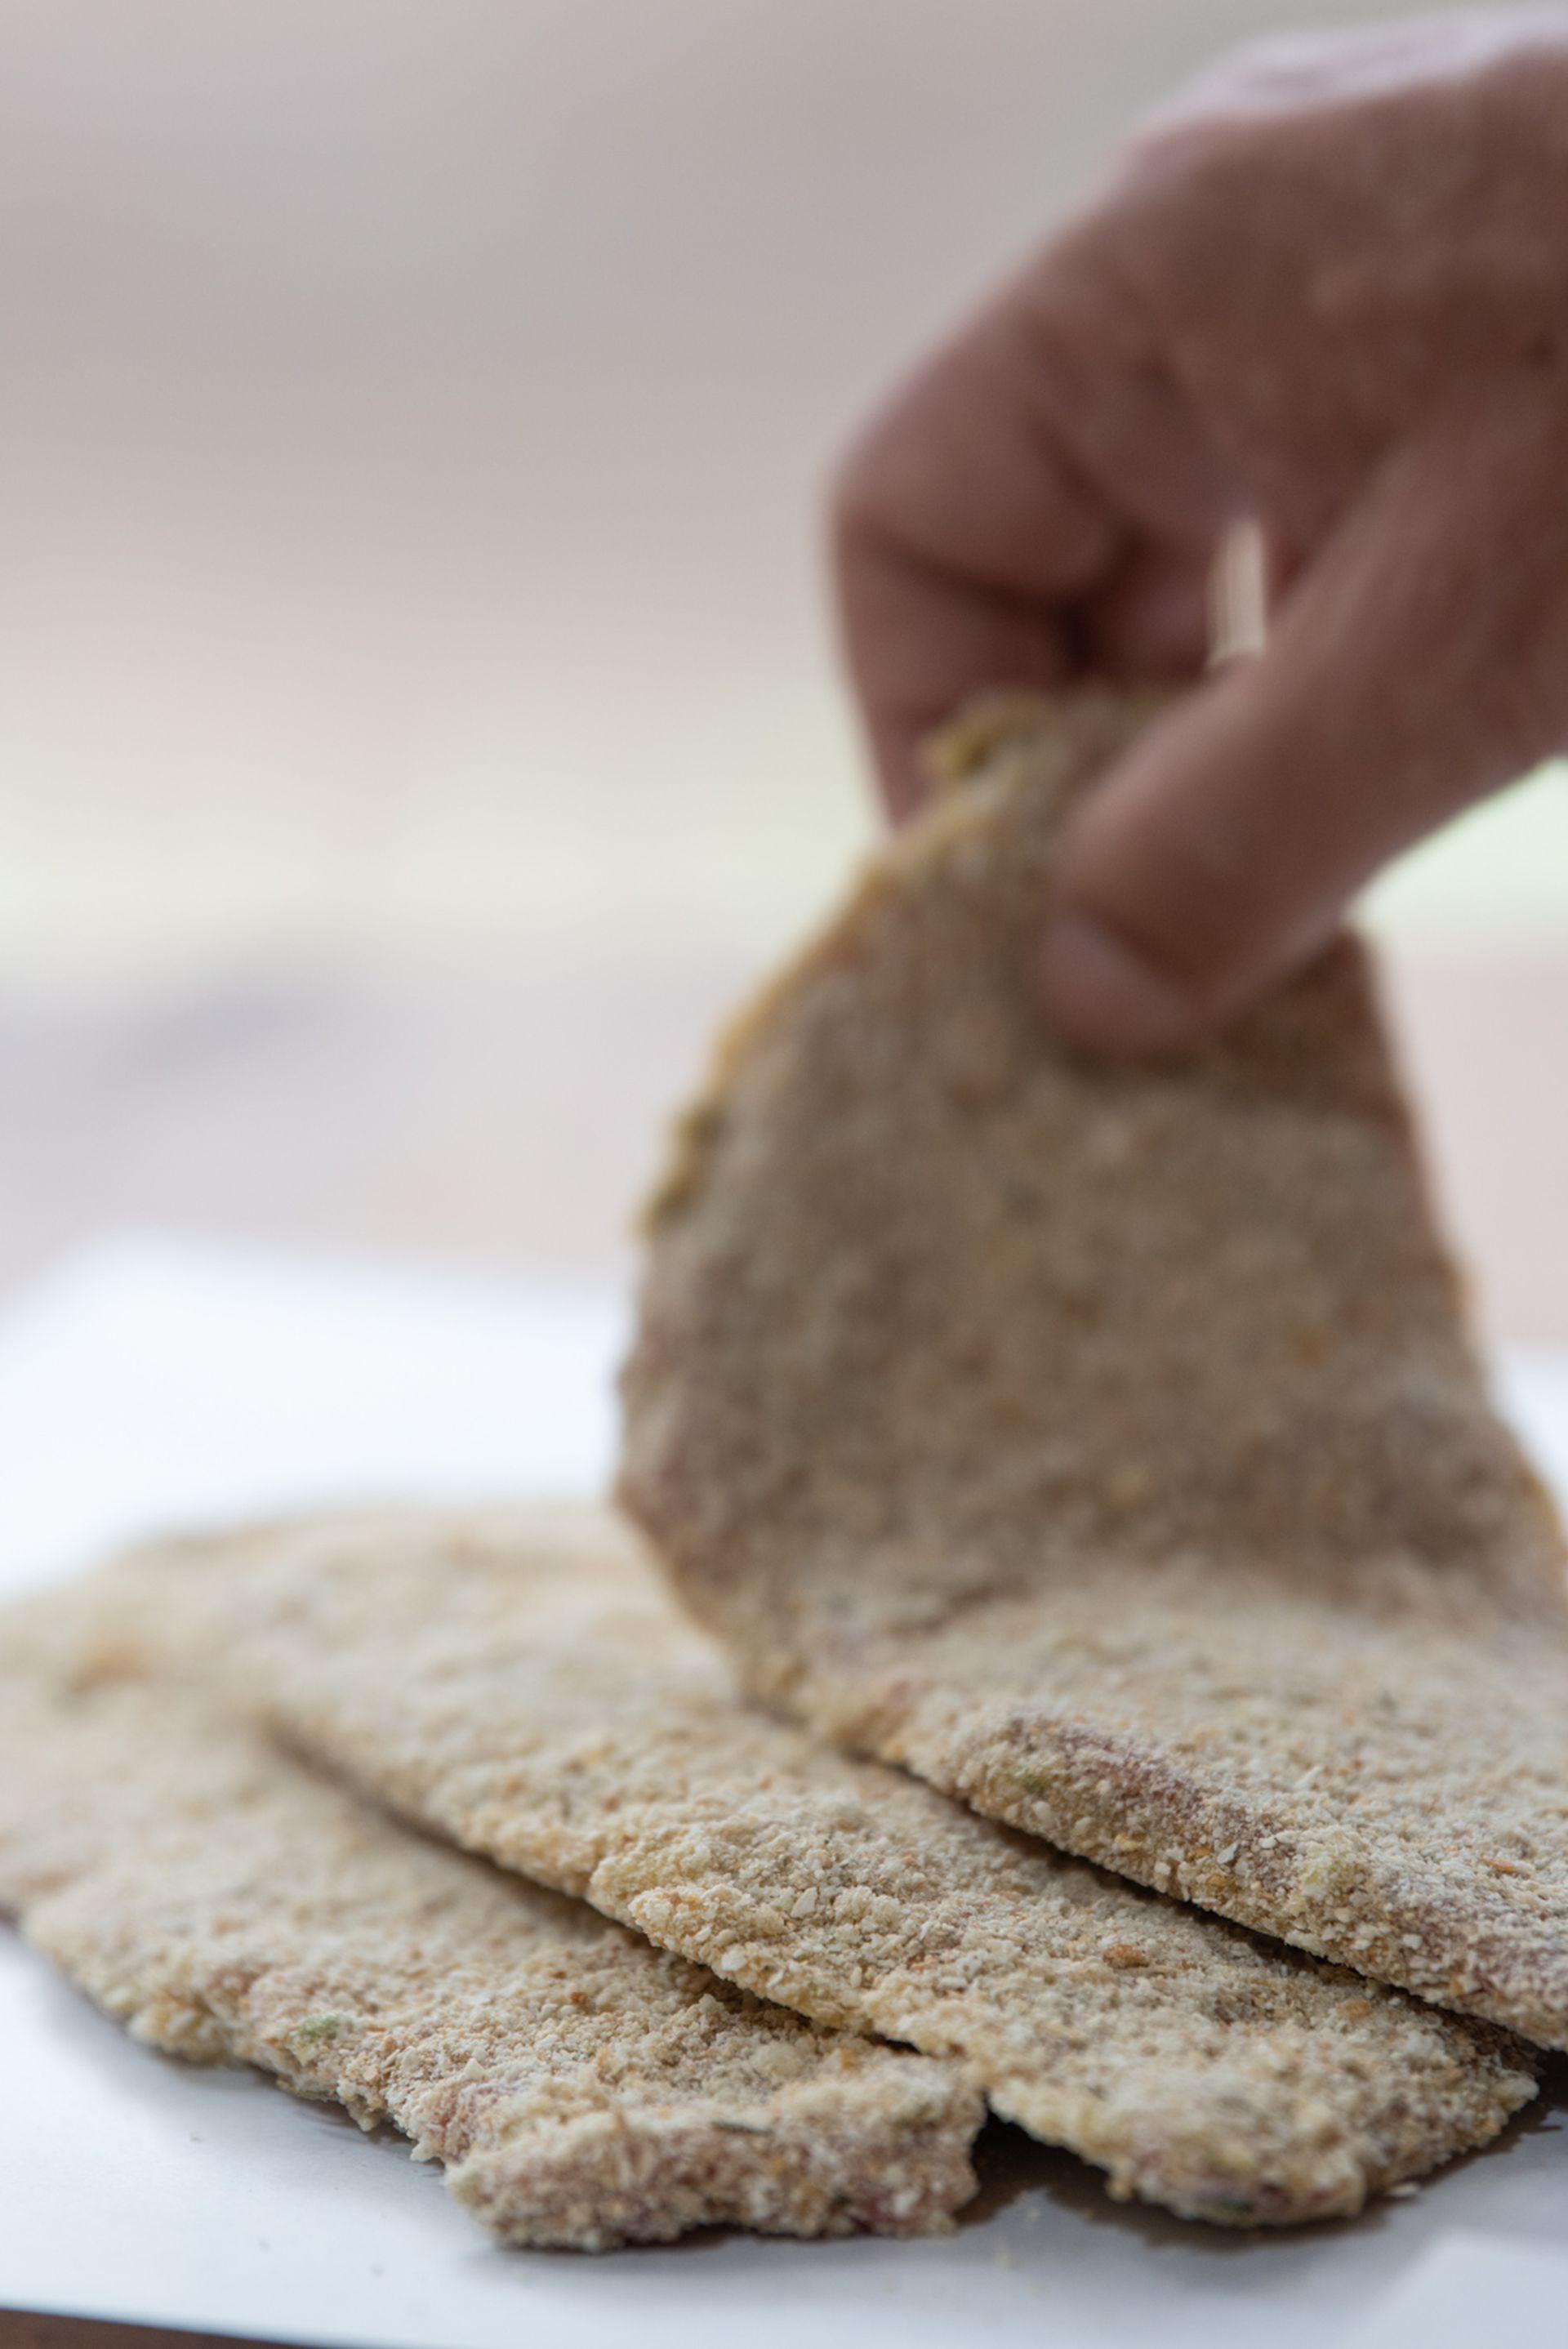 Los envíos se hacen en cajas de 2 kilos y pueden ser de carne o pollo, siempre con toques gourmet y cuidadas al detalle.